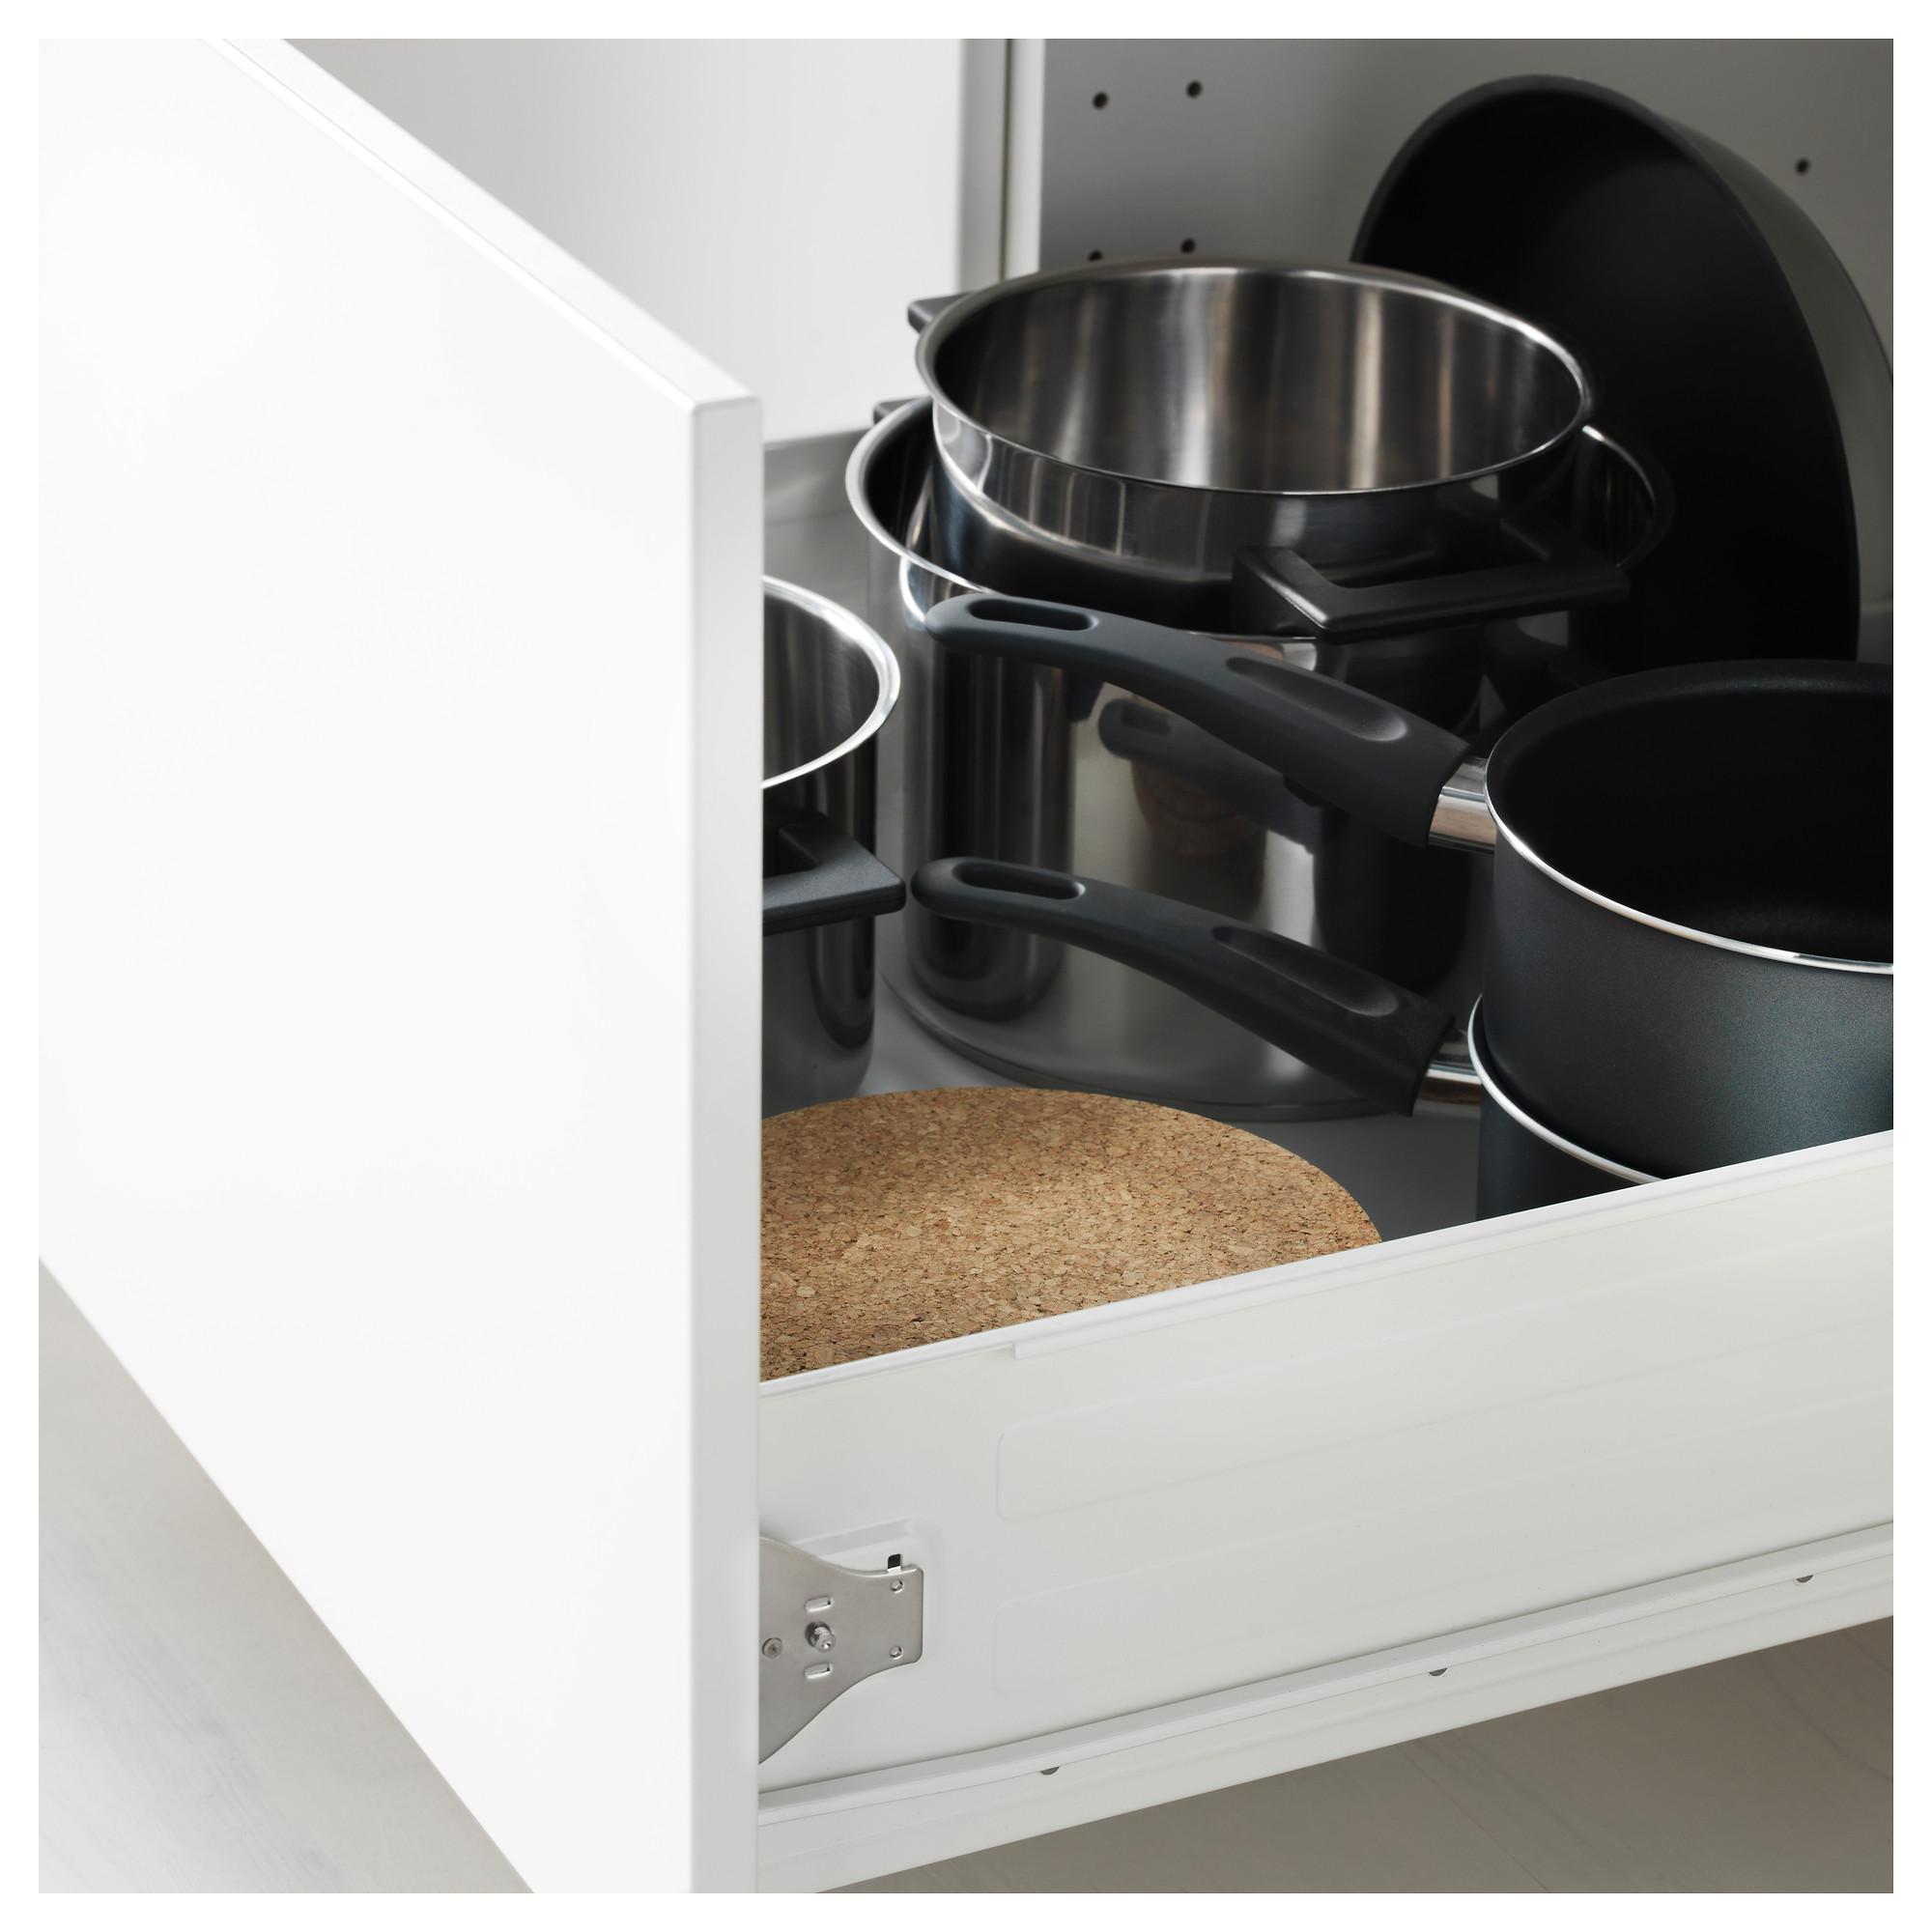 Высокий шкаф для духовки/СВЧ дверца, 3 ящика МЕТОД / ФОРВАРА черный артикуль № 592.674.41 в наличии. Интернет сайт IKEA РБ. Недорогая доставка и монтаж.